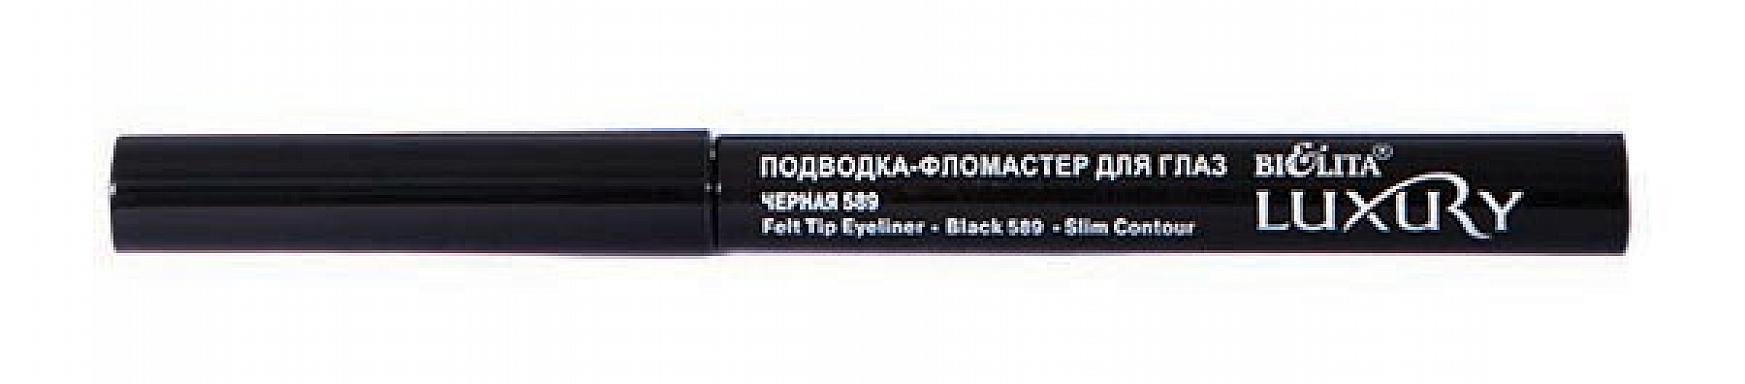 Подводка-Фломастер для глаз